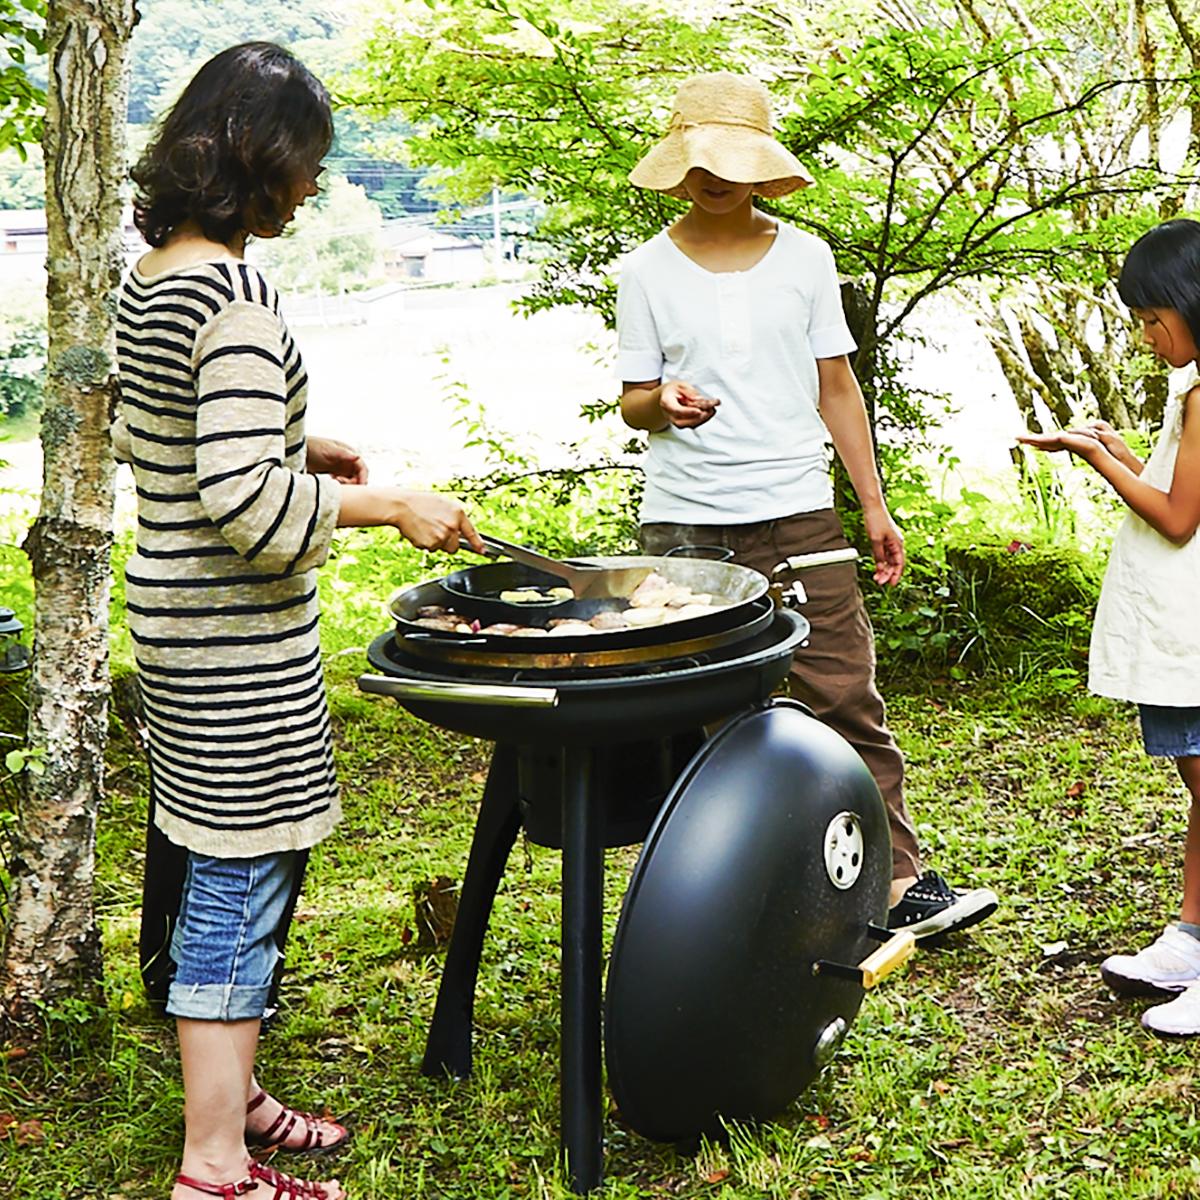 パエリアパン|大勢で食べられるパエリアを始め、ハンバーグやソテー、焼きそばといった鉄板料理を楽しめる「BBQグリル」